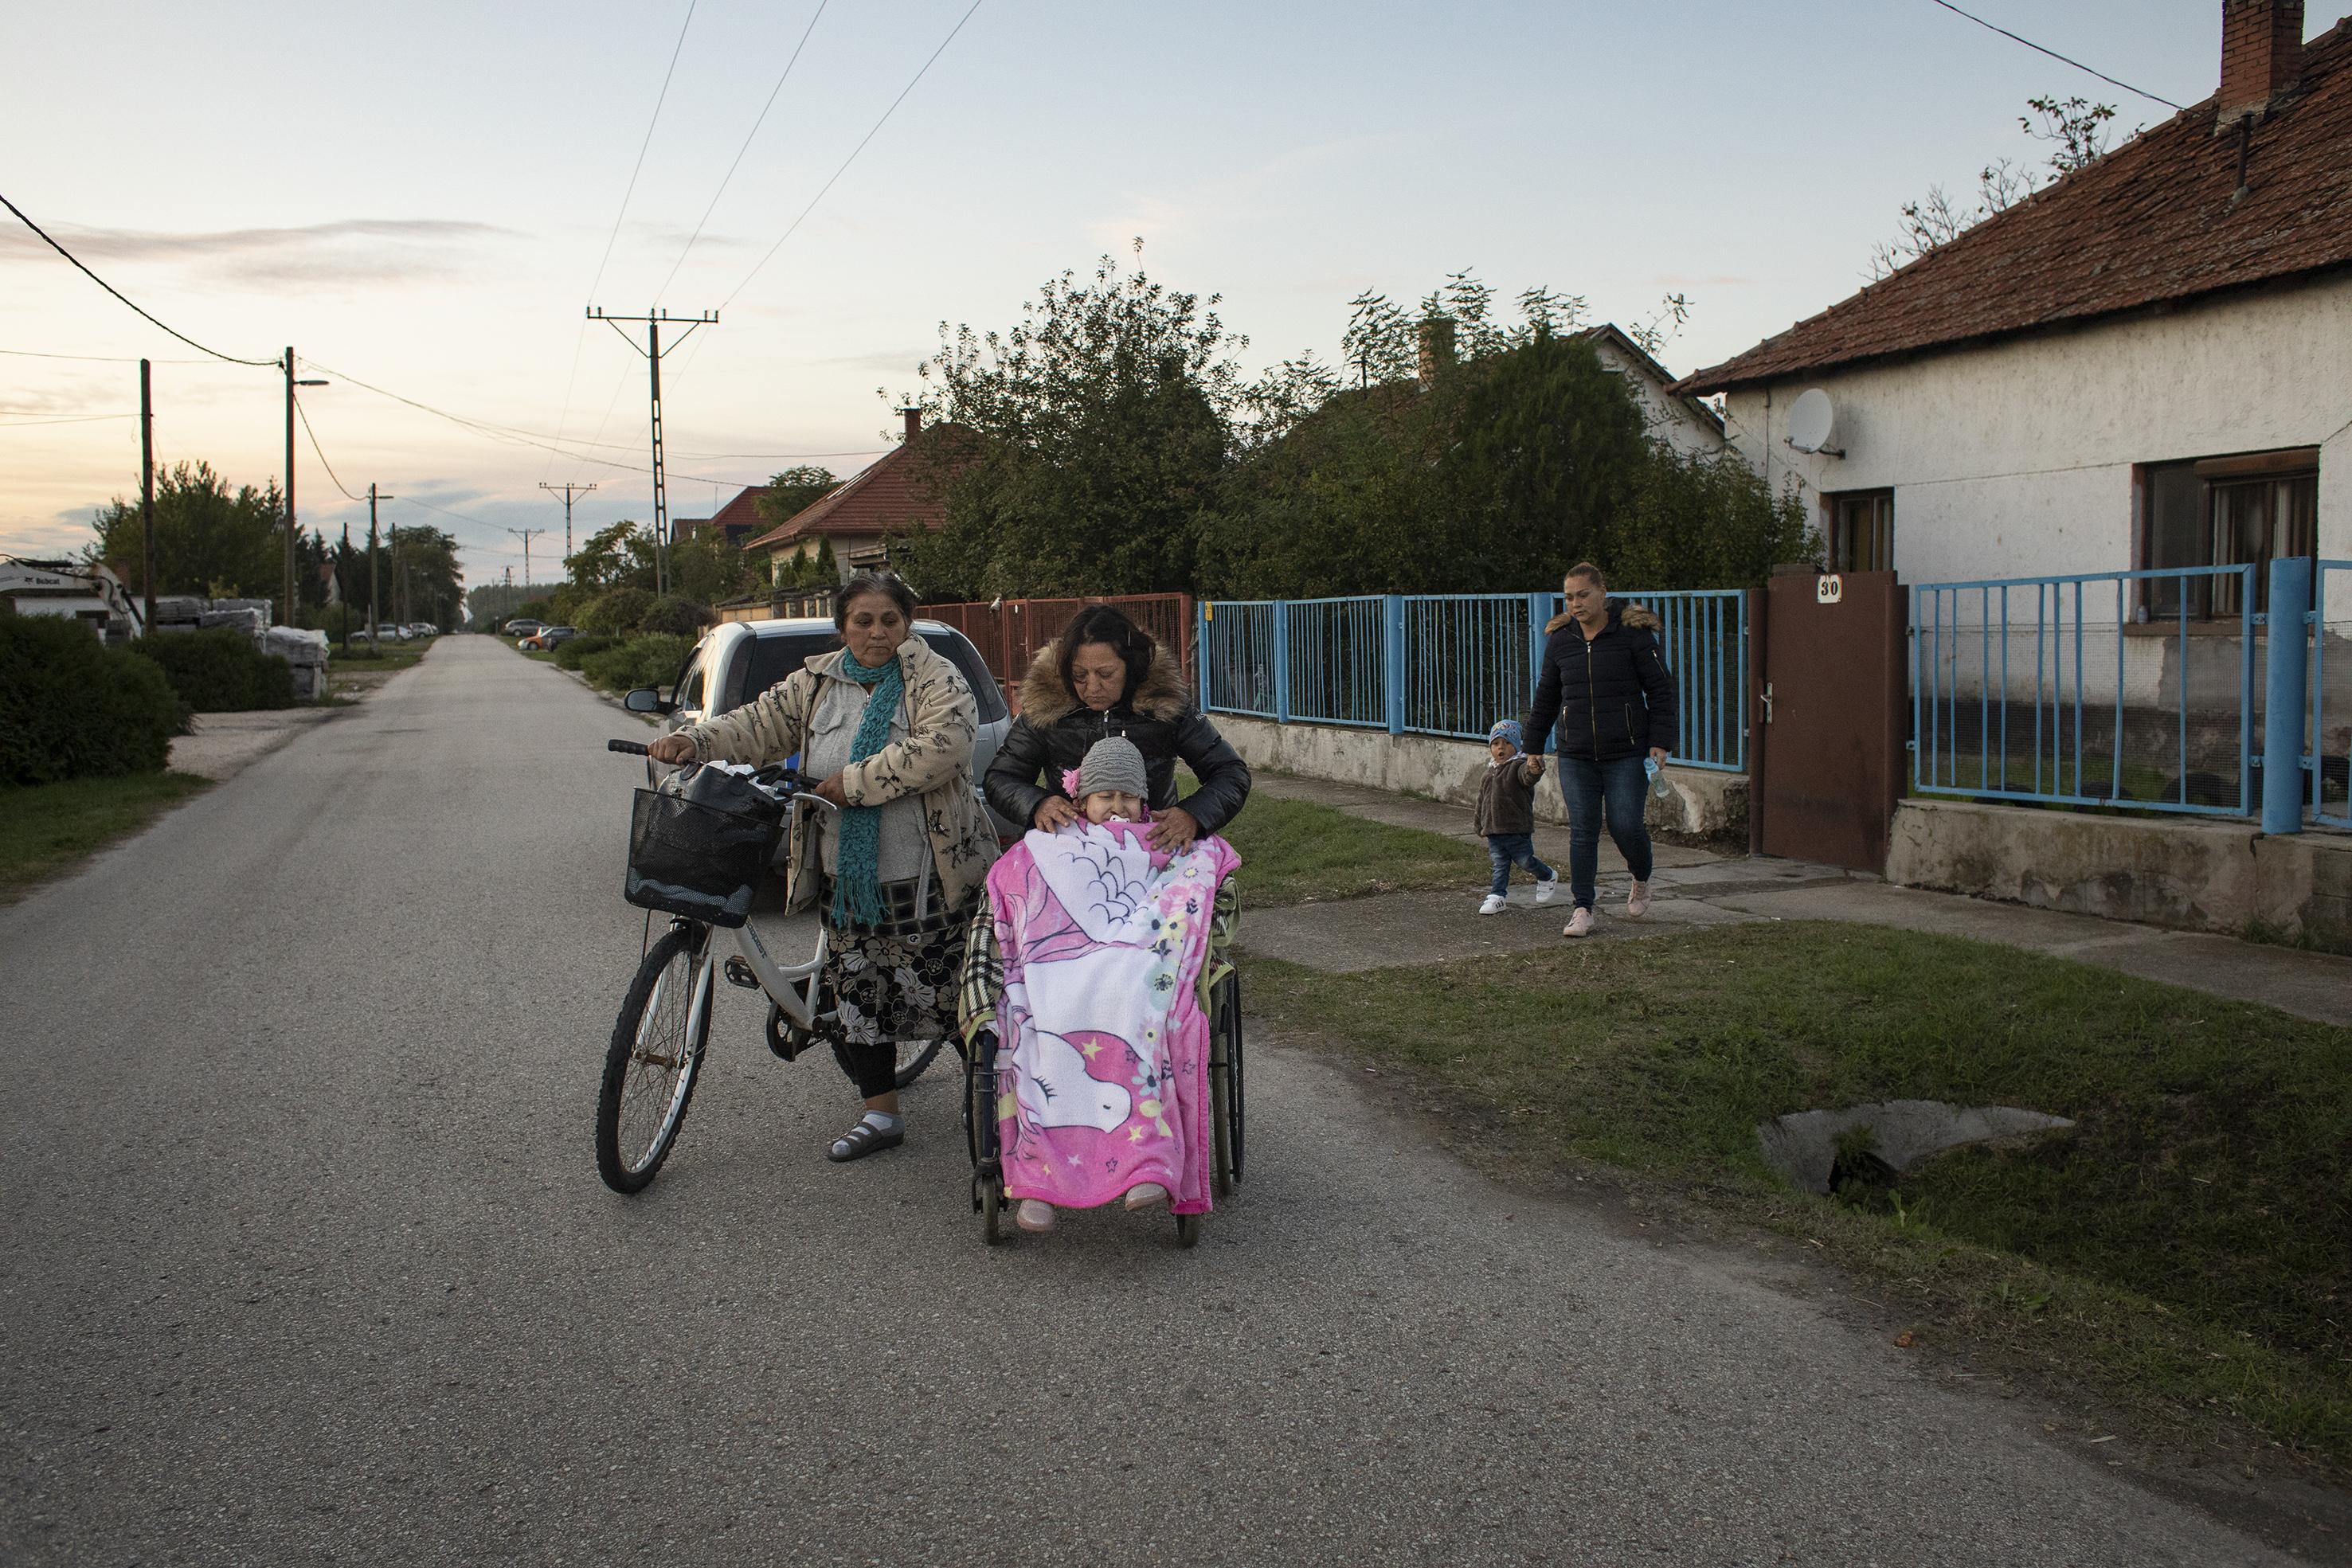 Fotó: Kovács Bea: Lídia időnként kerekesszékben áttolta Mirandát a rokonokhoz, hogy kimozdítsa kicsit a házból és gyerektársaságban legyen.